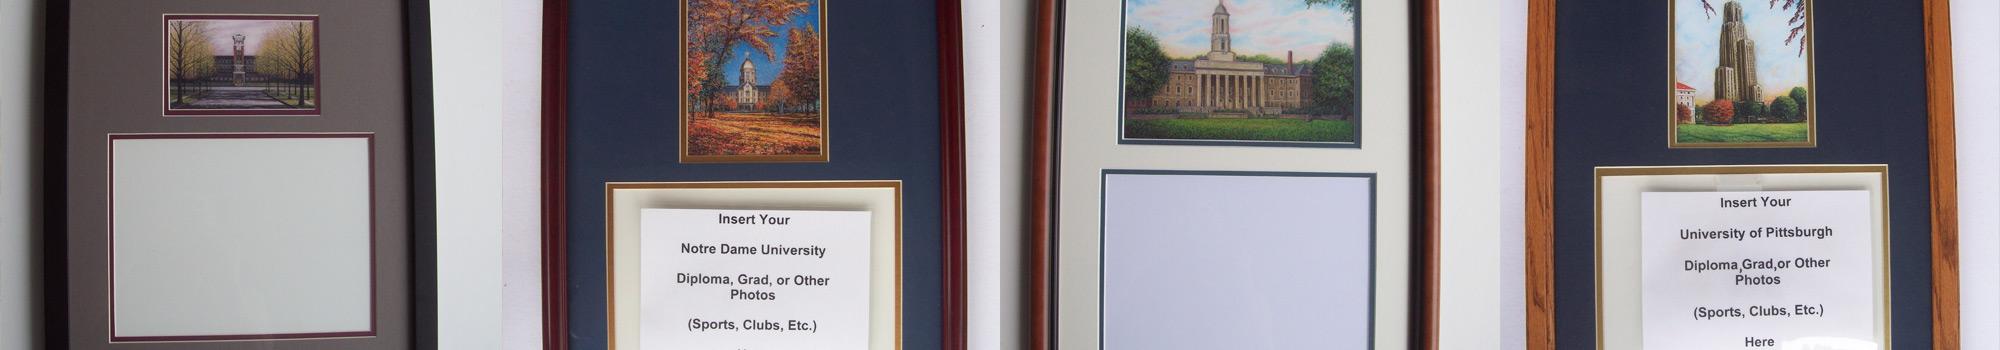 Framed Diplomas Header Image